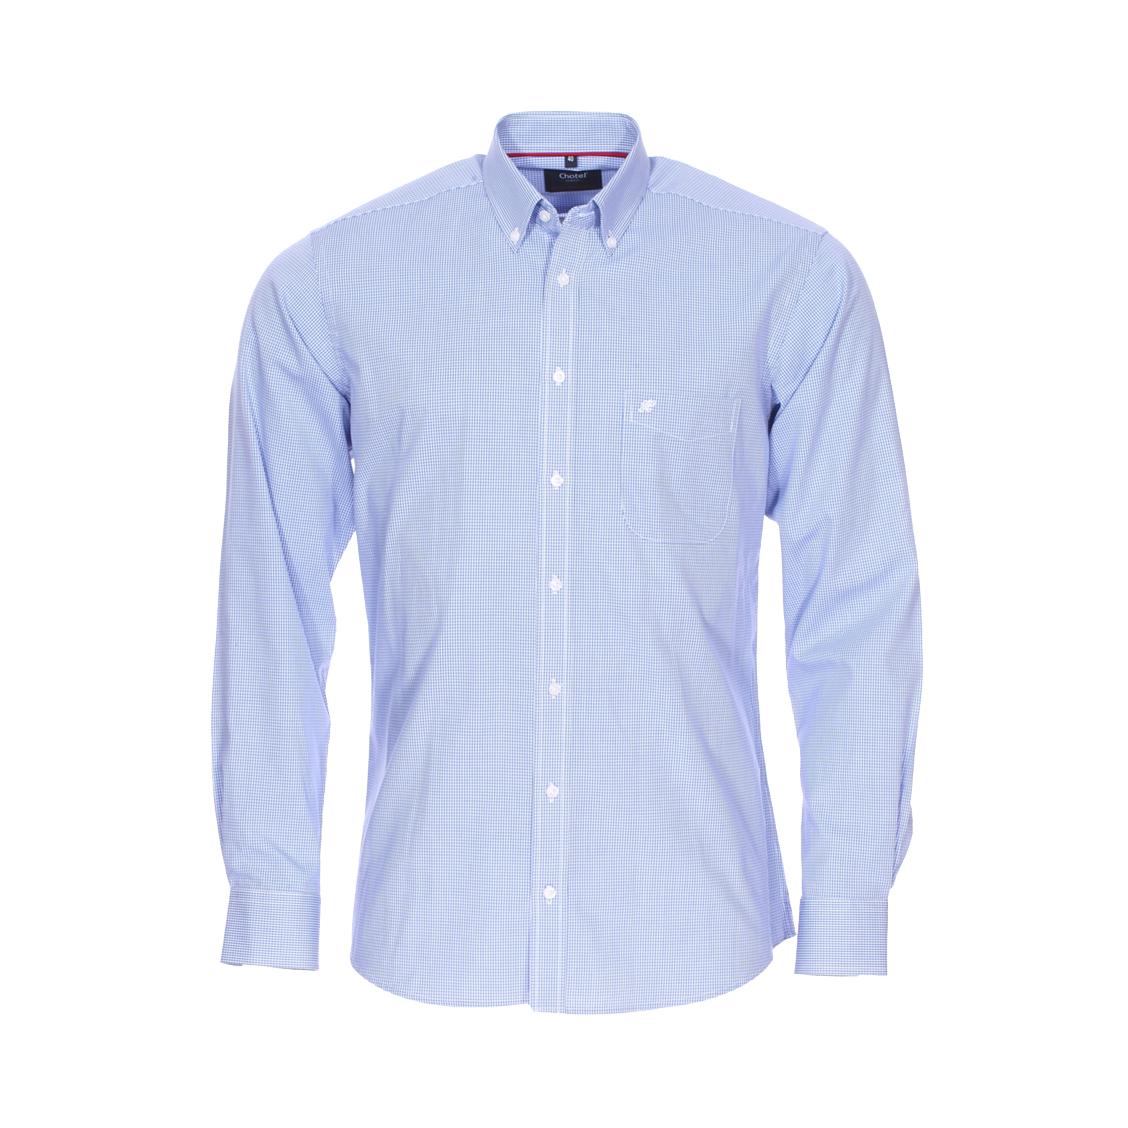 Chemise ajustée jean chatel nobless bristol en coton vichy bleu et blanc, sans repassage